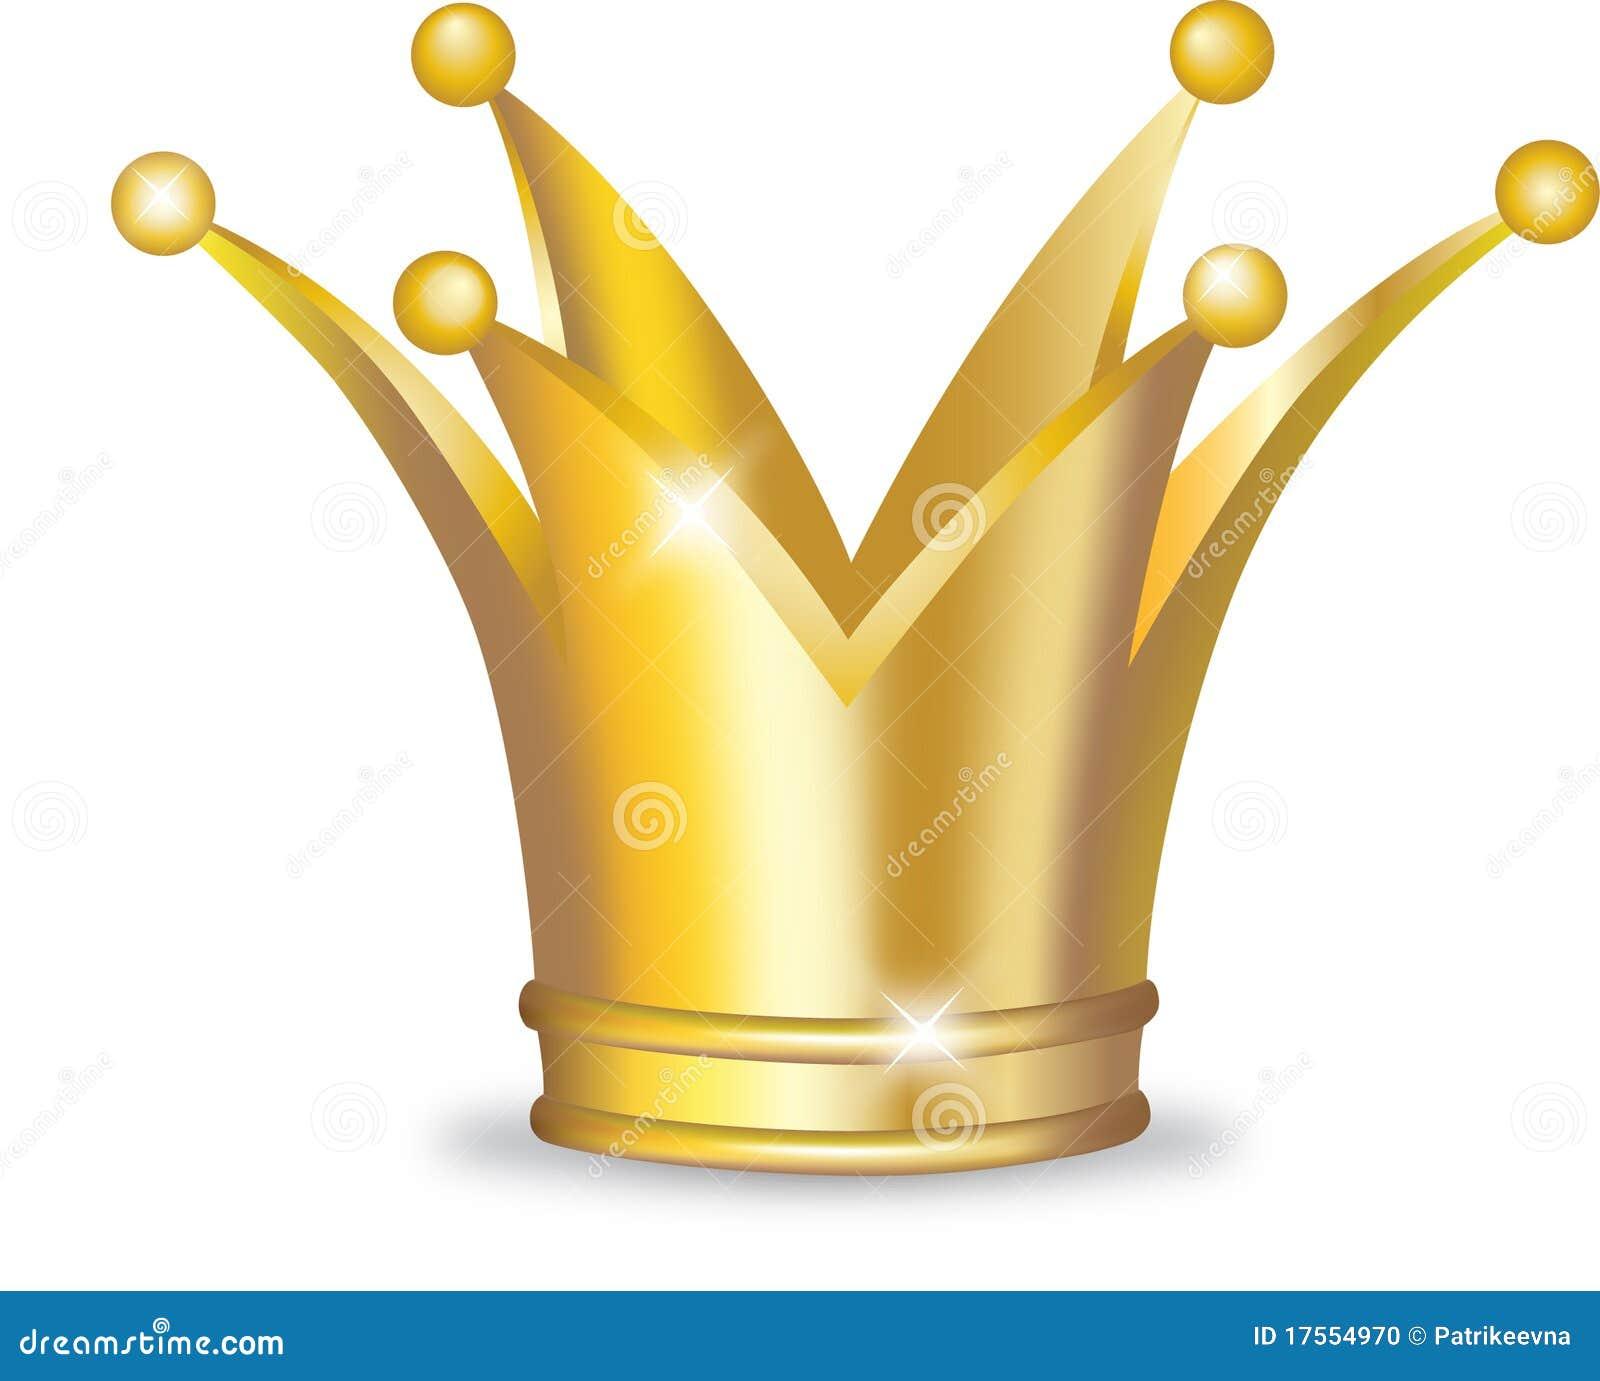 Goldene Krone Vektor Abbildung Illustration Von